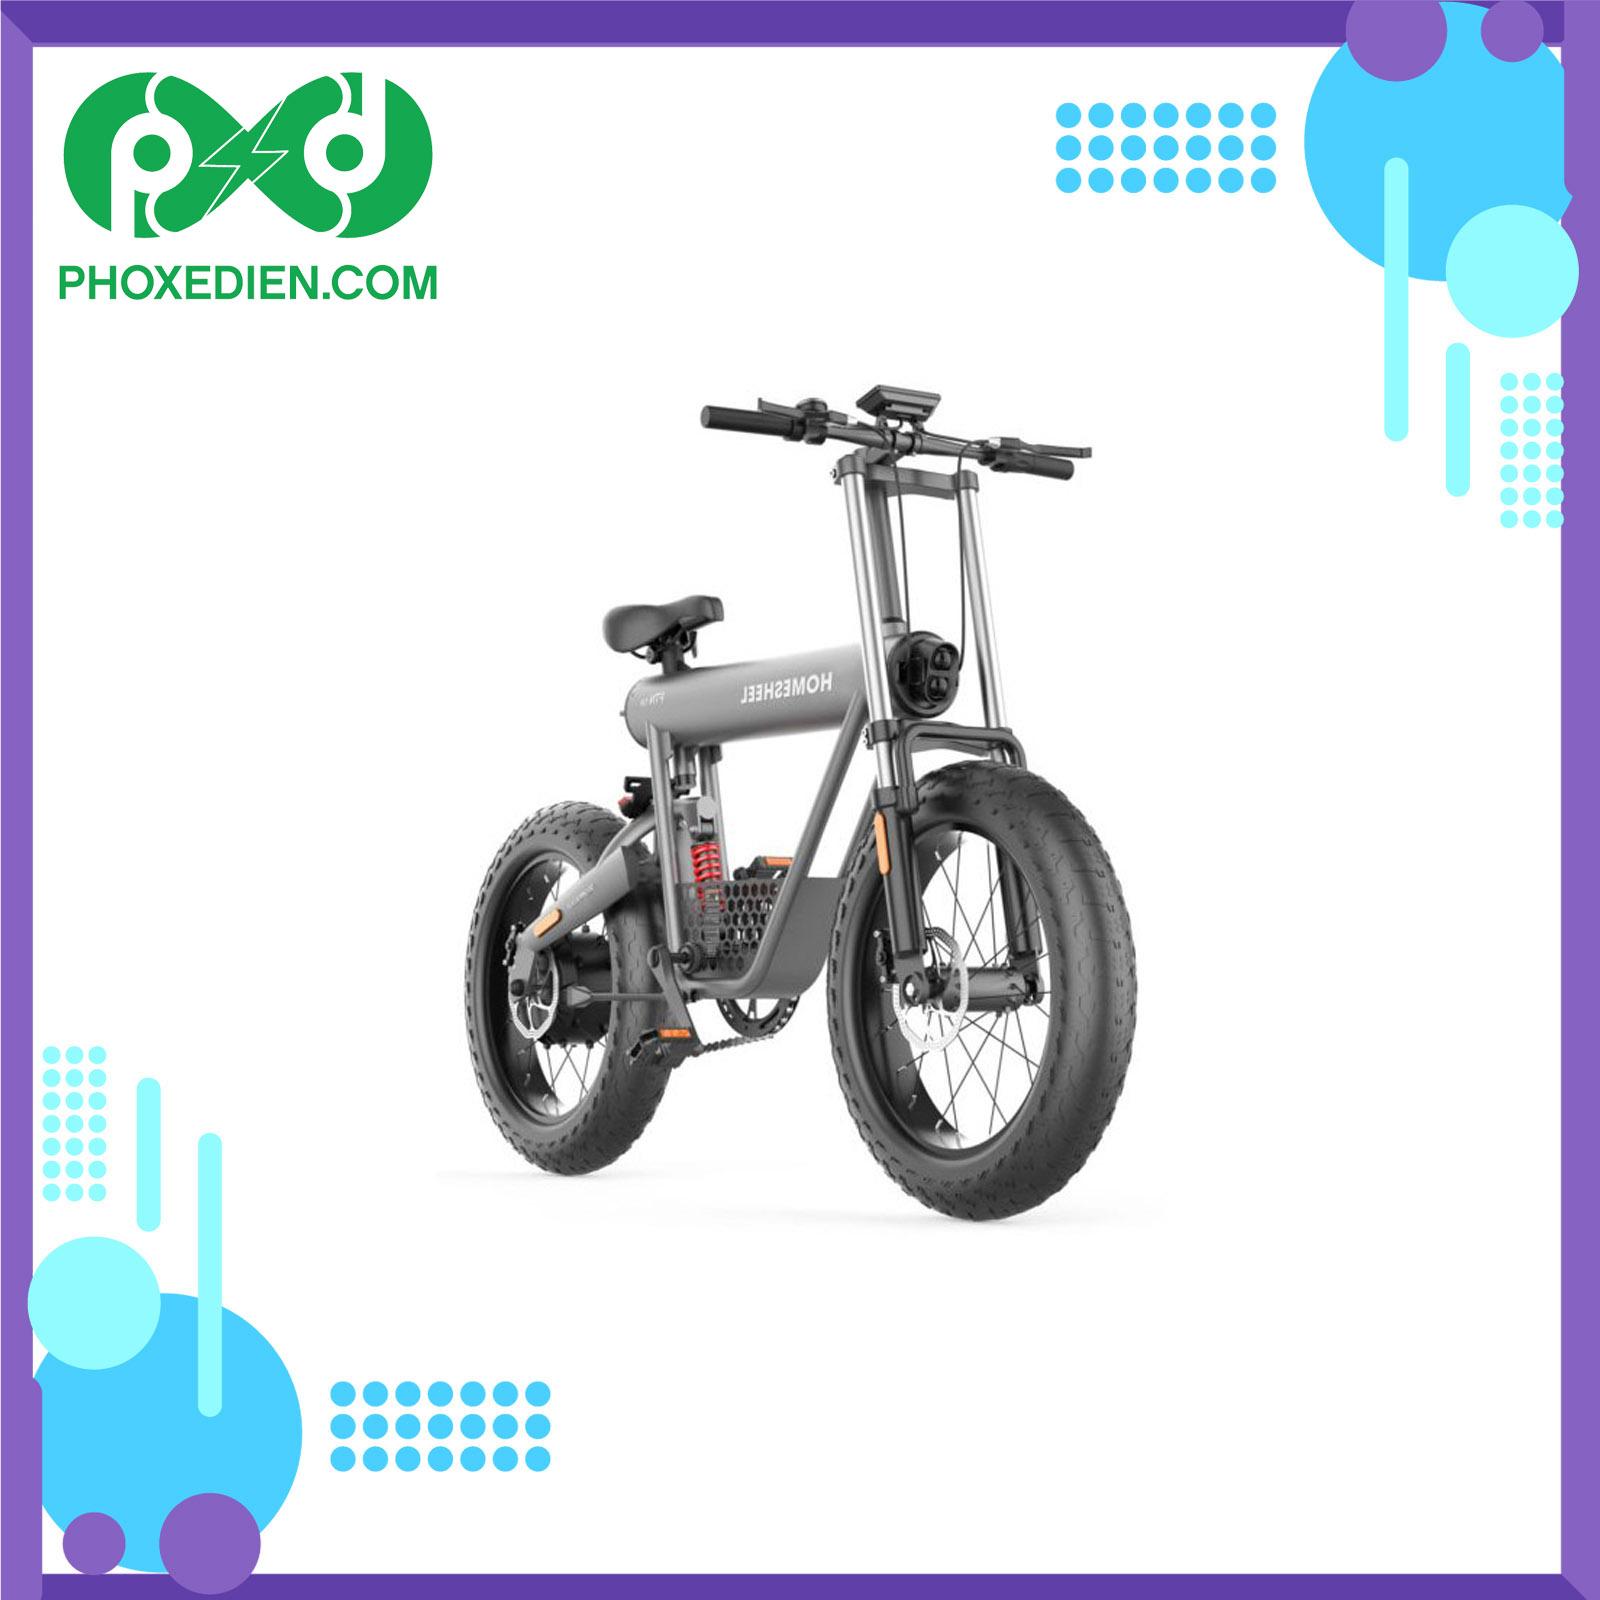 Hệ thống bánh xe chống thủng, chống trượt, an toàn tối đa.